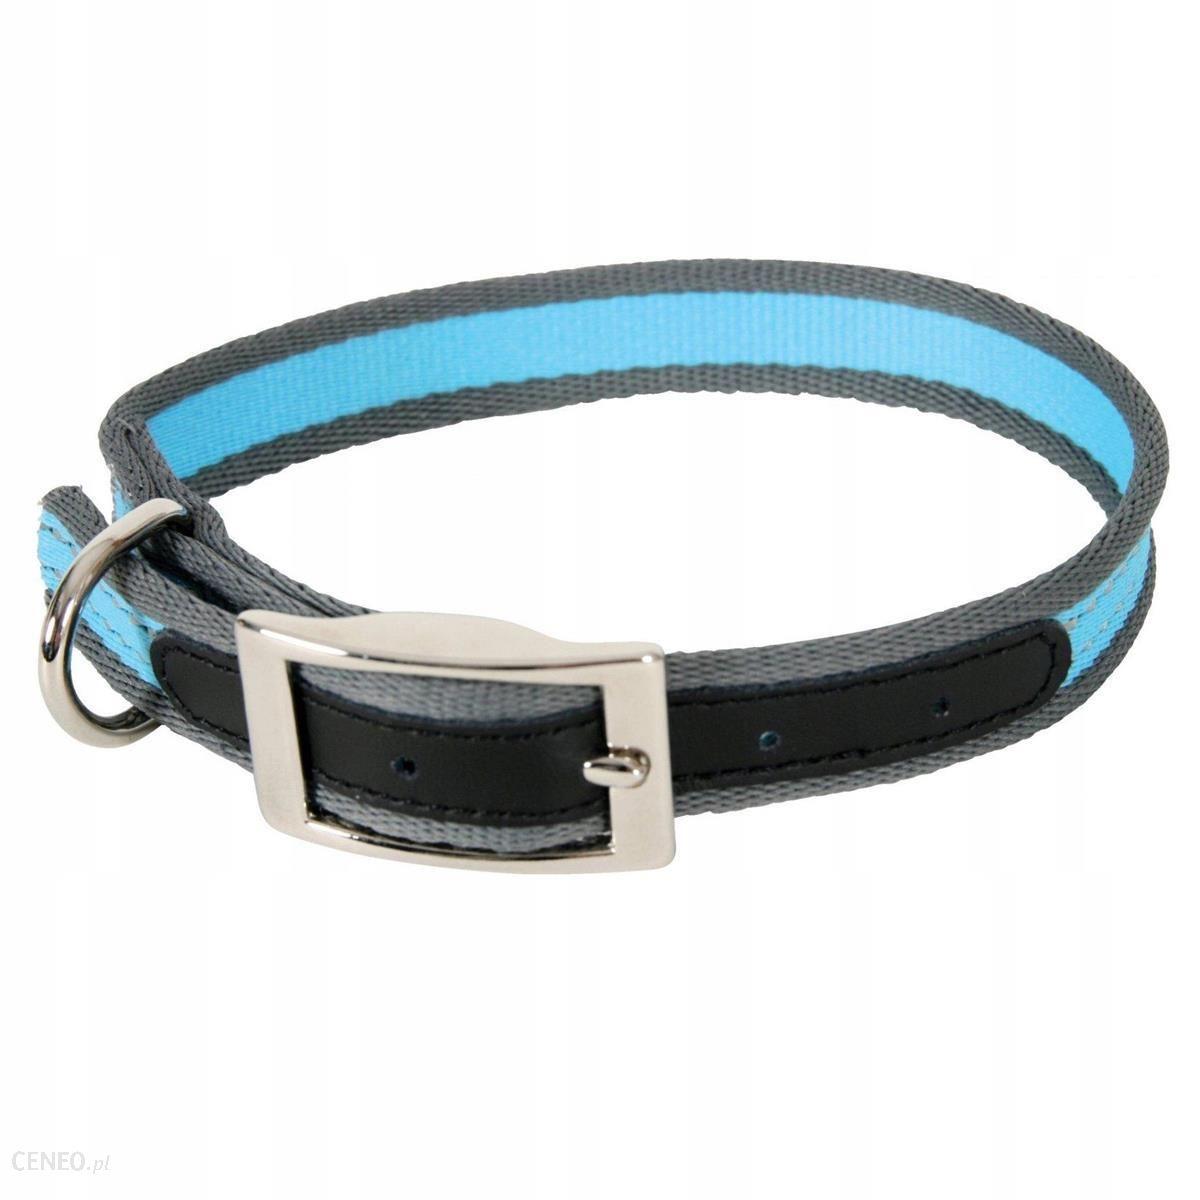 Zolux Obroża Summer 30cm kol. niebieski